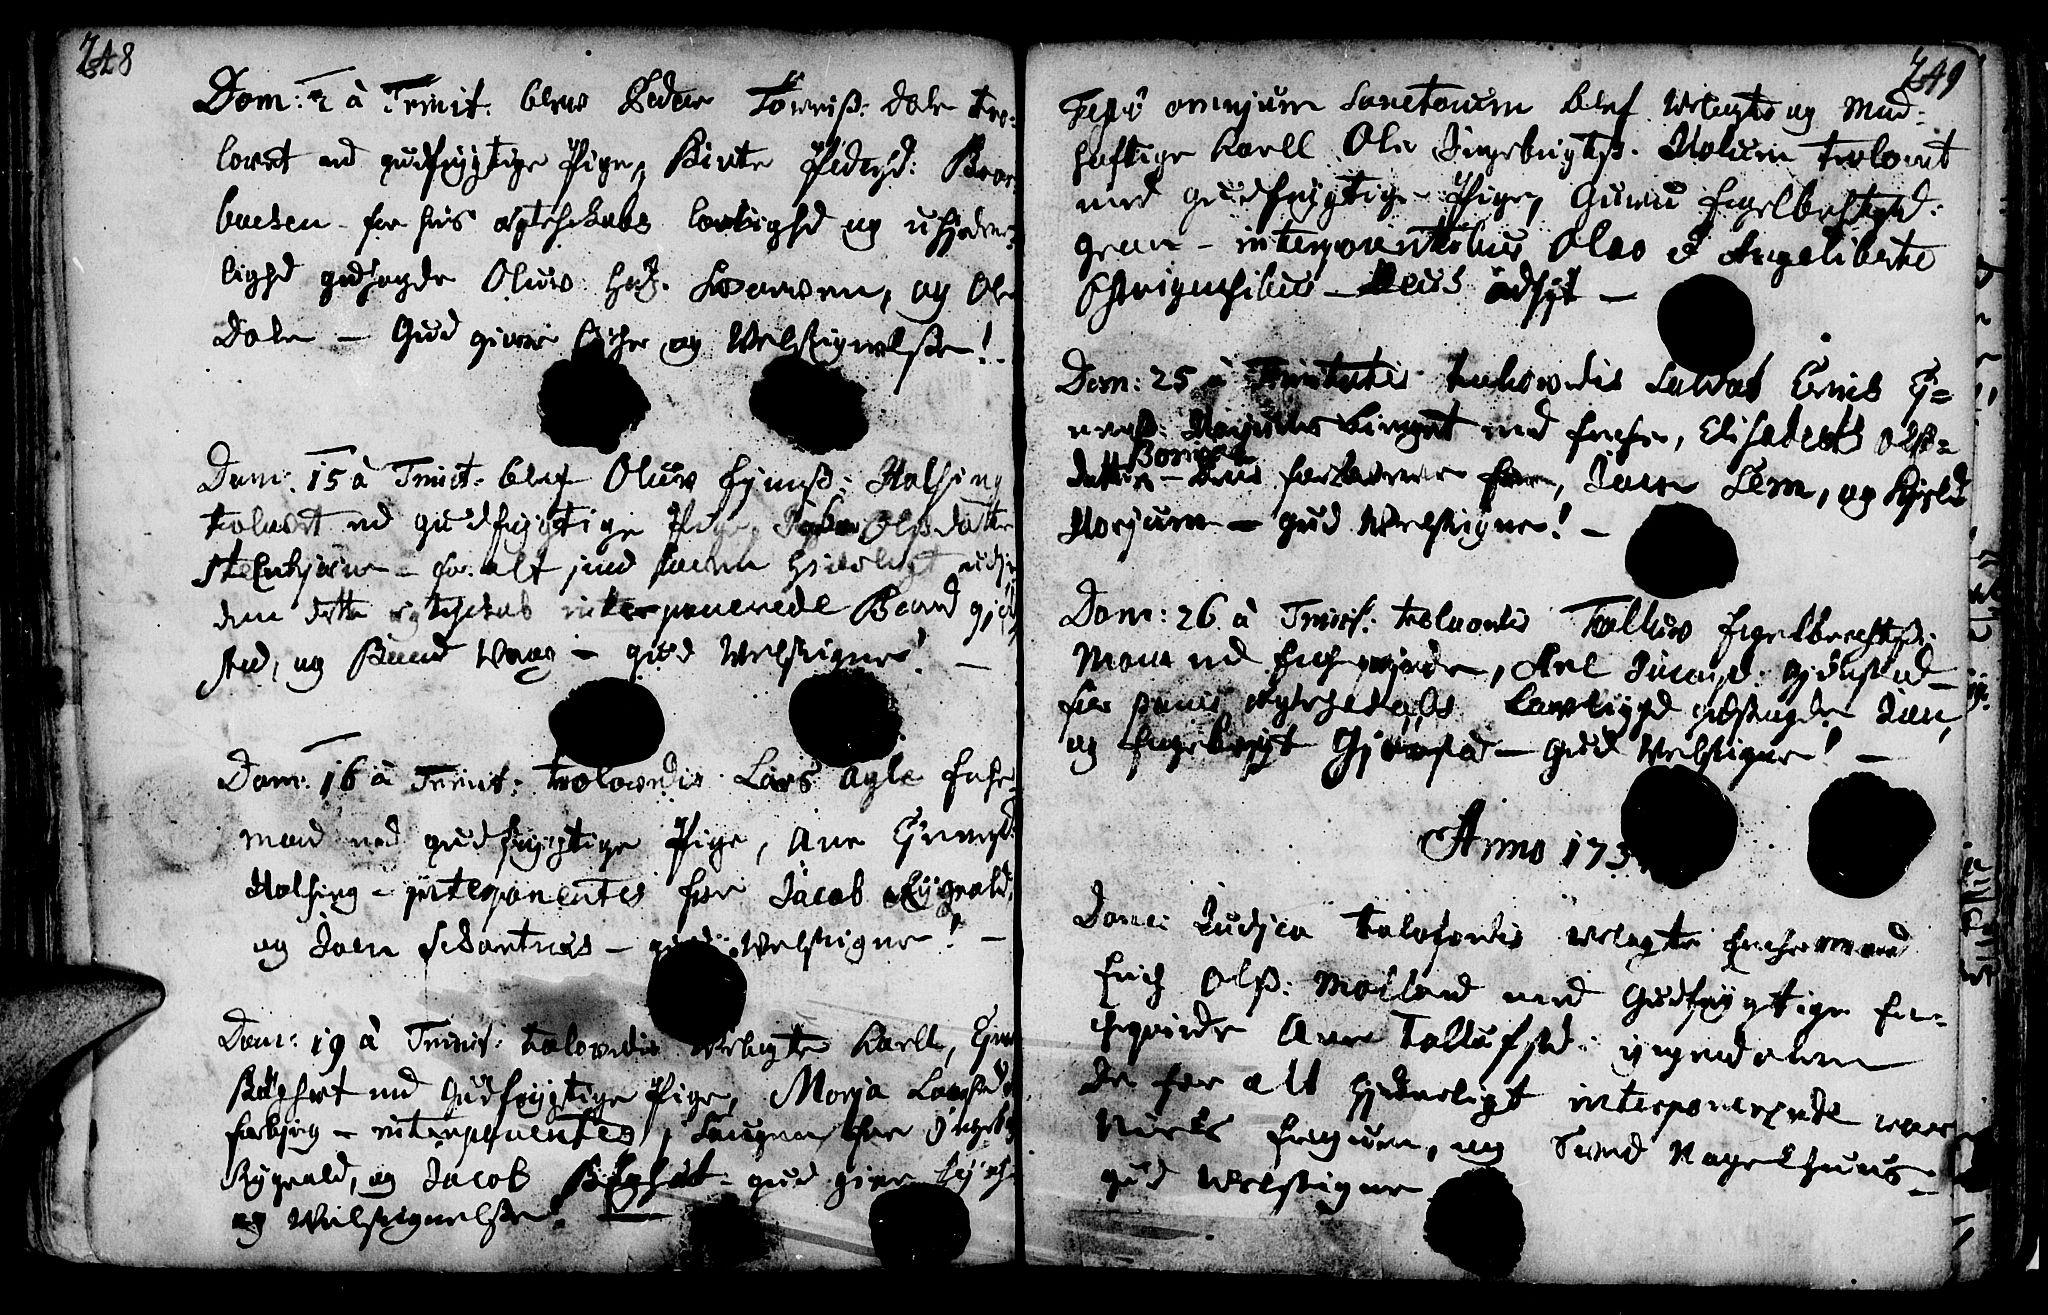 SAT, Ministerialprotokoller, klokkerbøker og fødselsregistre - Nord-Trøndelag, 749/L0467: Ministerialbok nr. 749A01, 1733-1787, s. 248-249